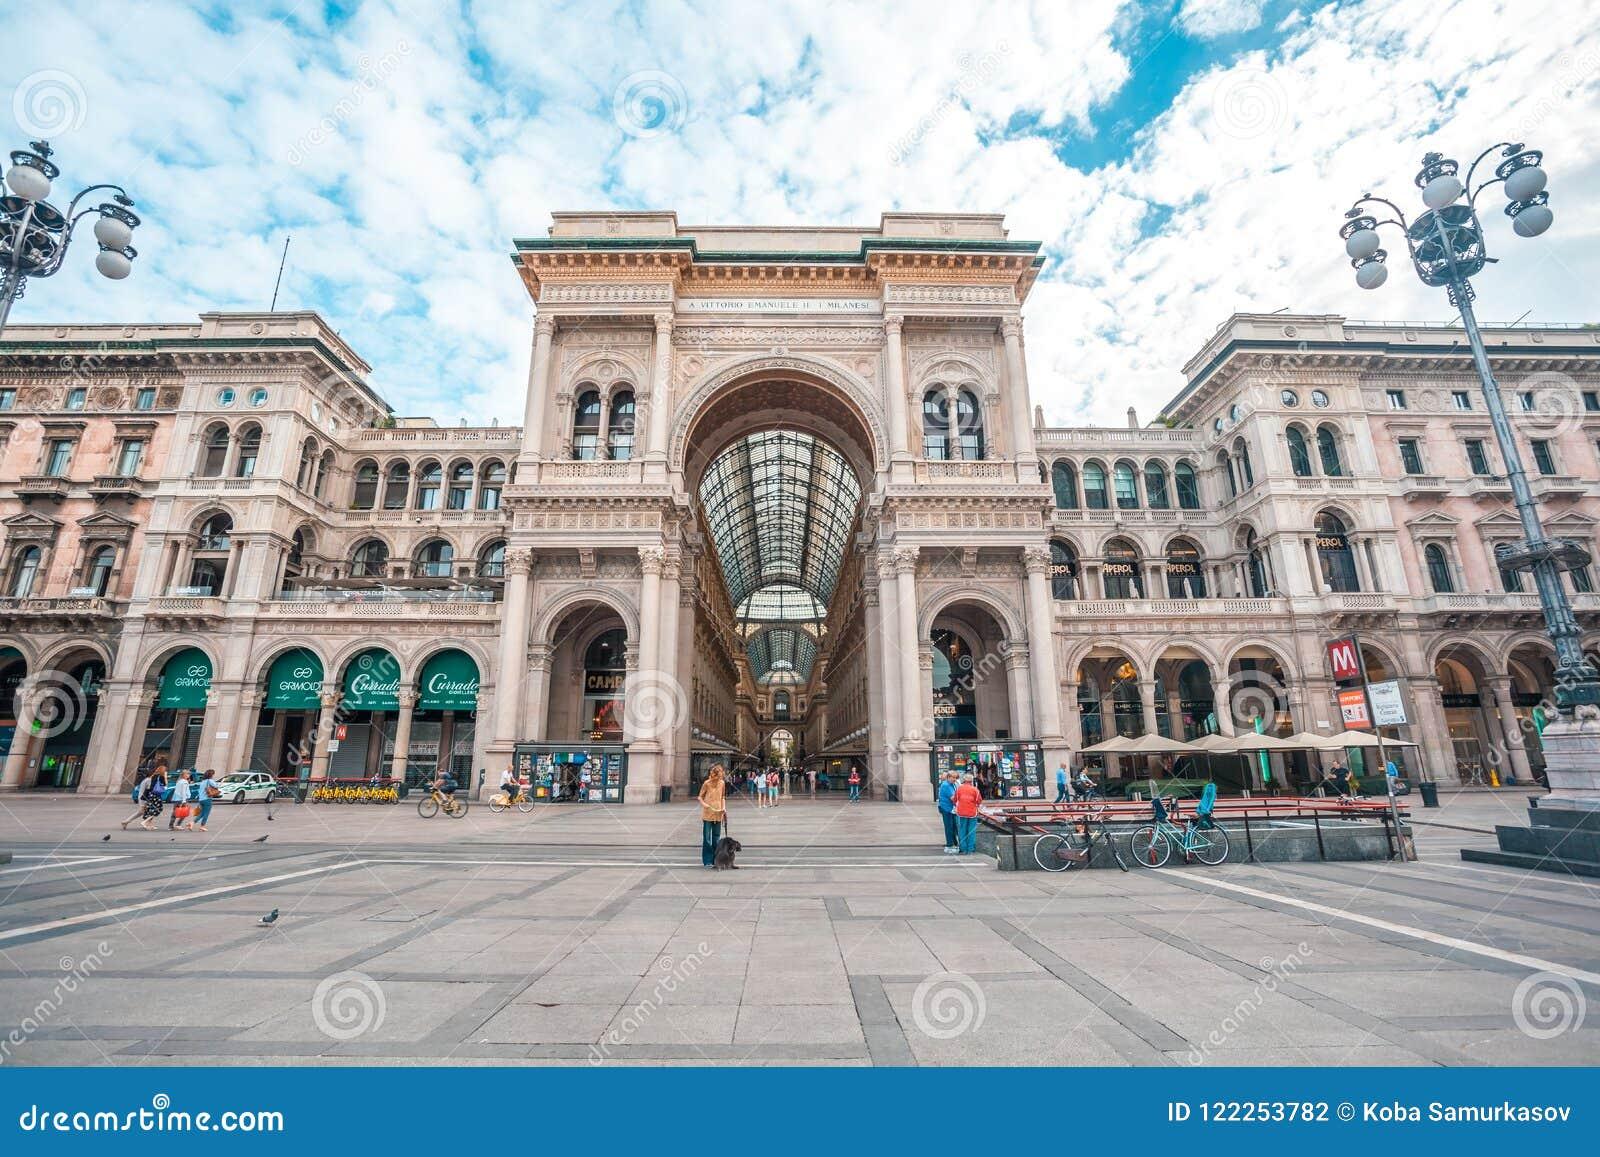 Μιλάνο, Ιταλία - 25 06 2018: Είσοδος σε Galleria Vittorio Emanuel